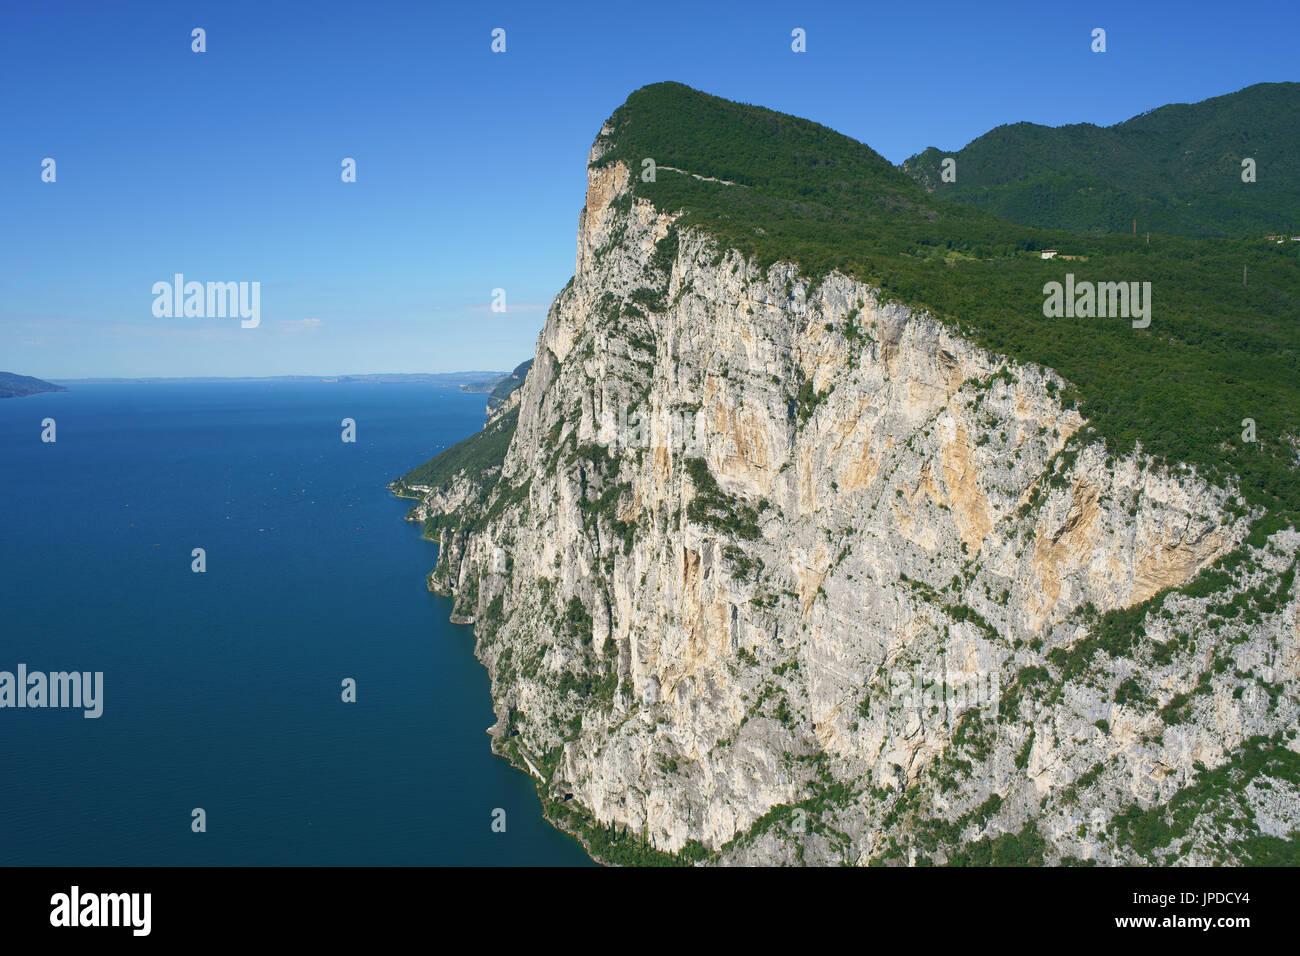 MONTE CASTELLO (779m amsl) avec sa généreuse VERTICAL DROP SUR LE LAC DE GARDE (65m amsl) (vue aérienne). 6275, Lombardie, Italie. Photo Stock